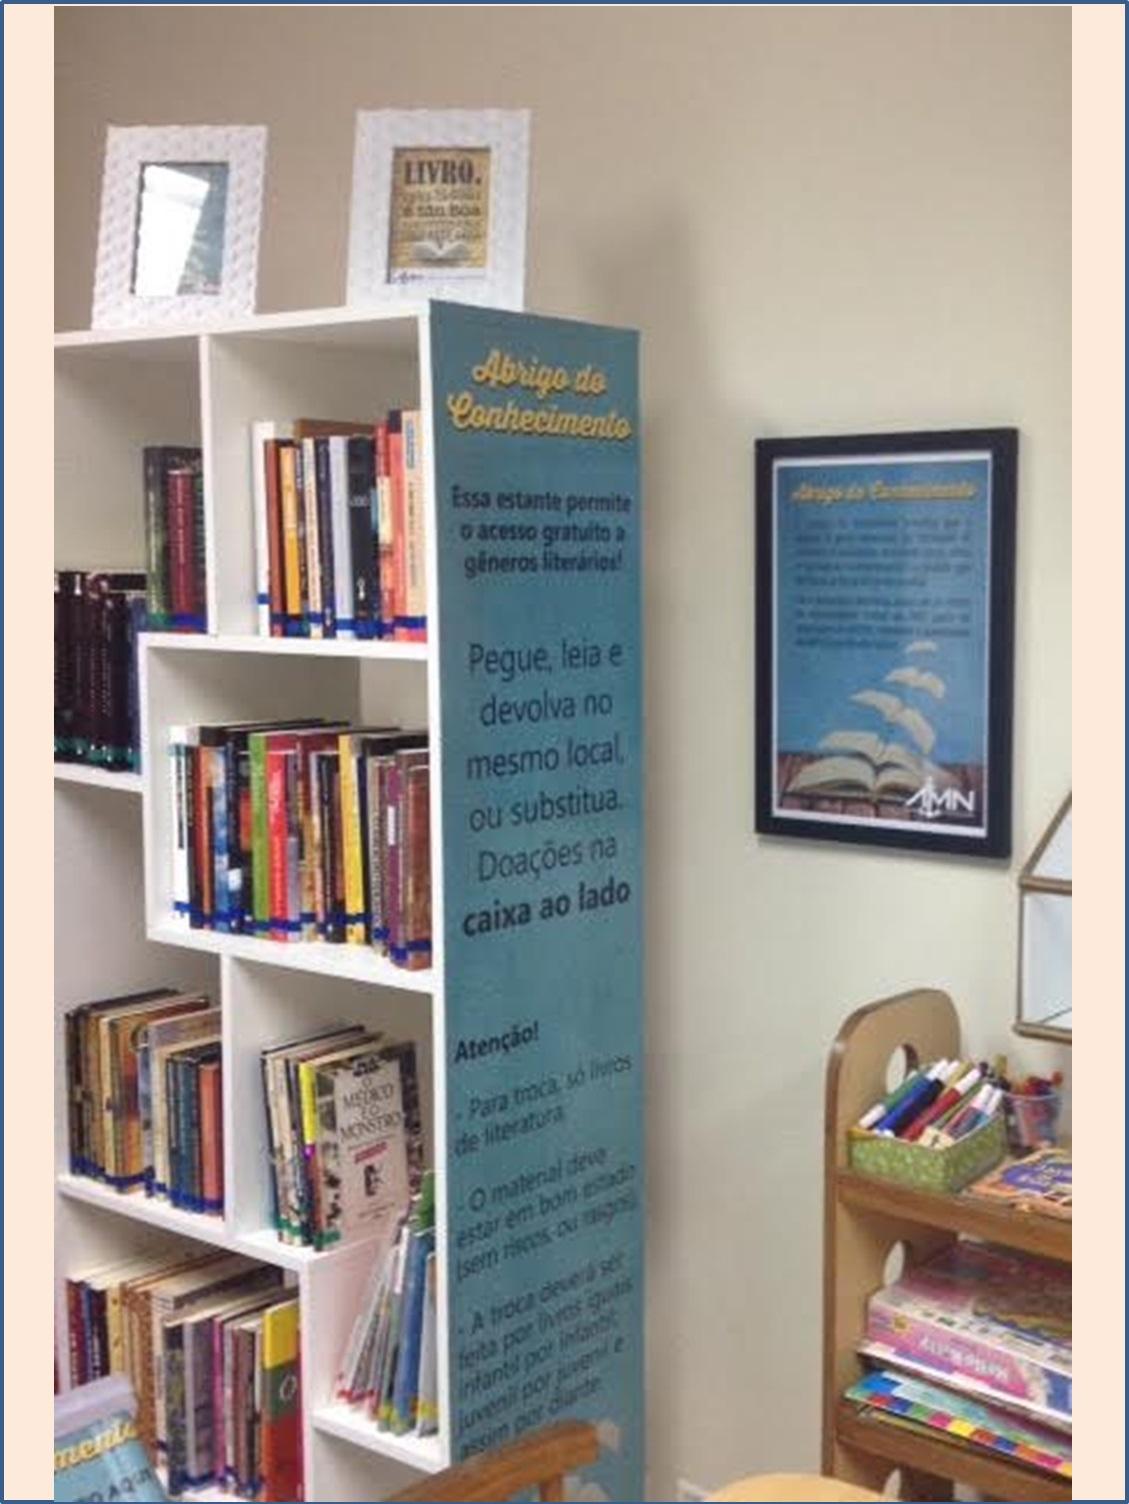 estante do Abrigo do Conhecimento